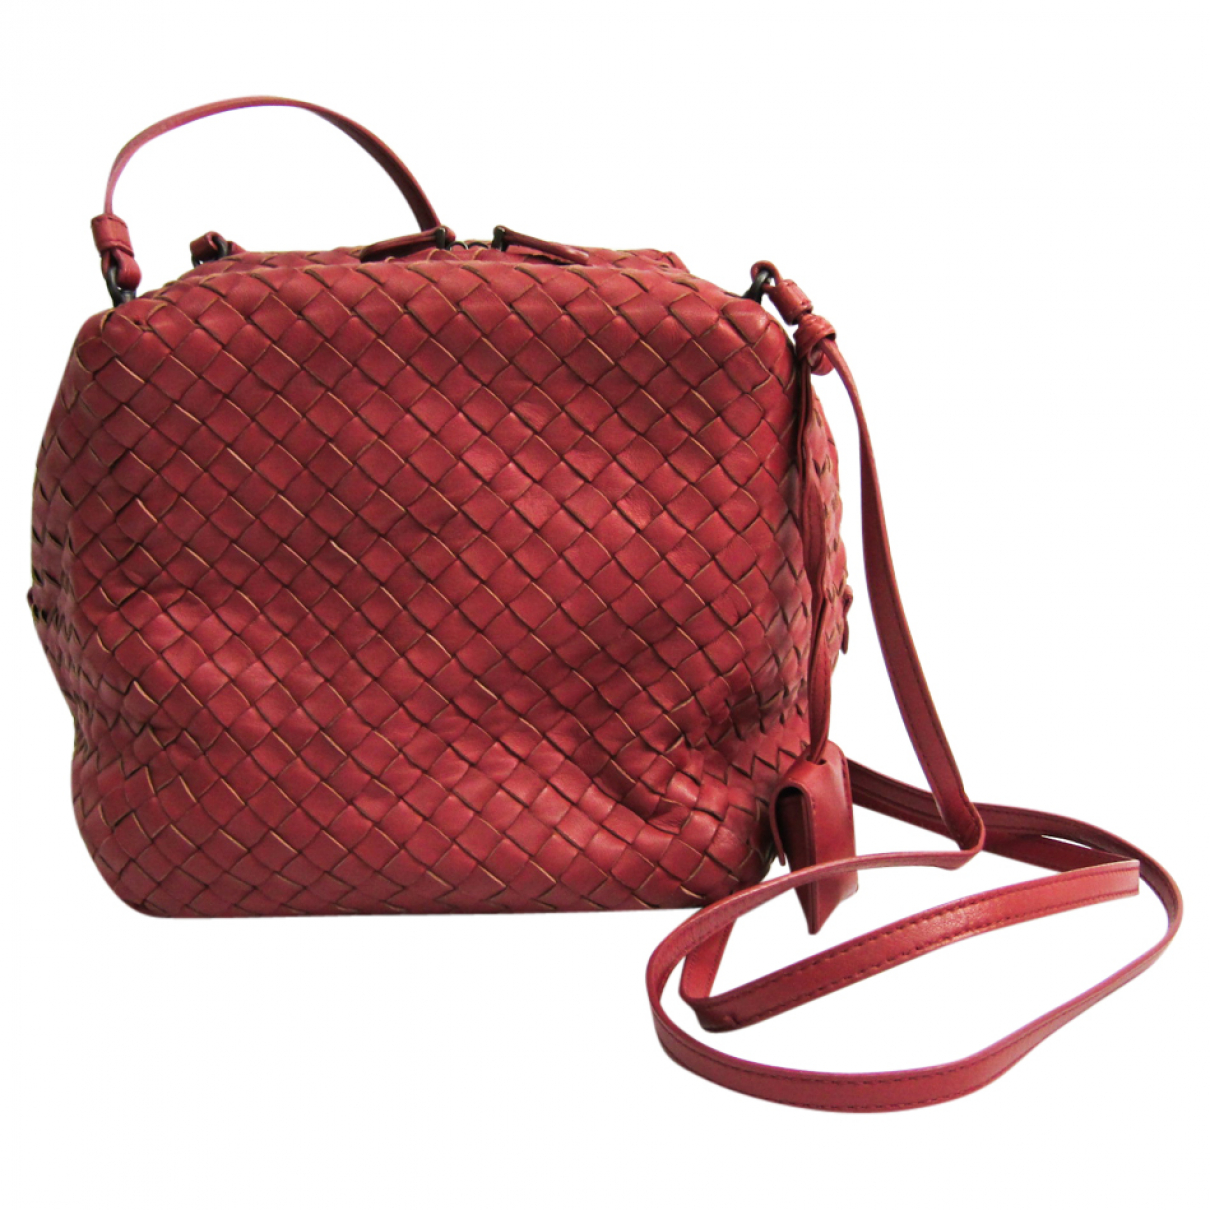 Bottega Veneta \N Handtasche in  Rot Leder